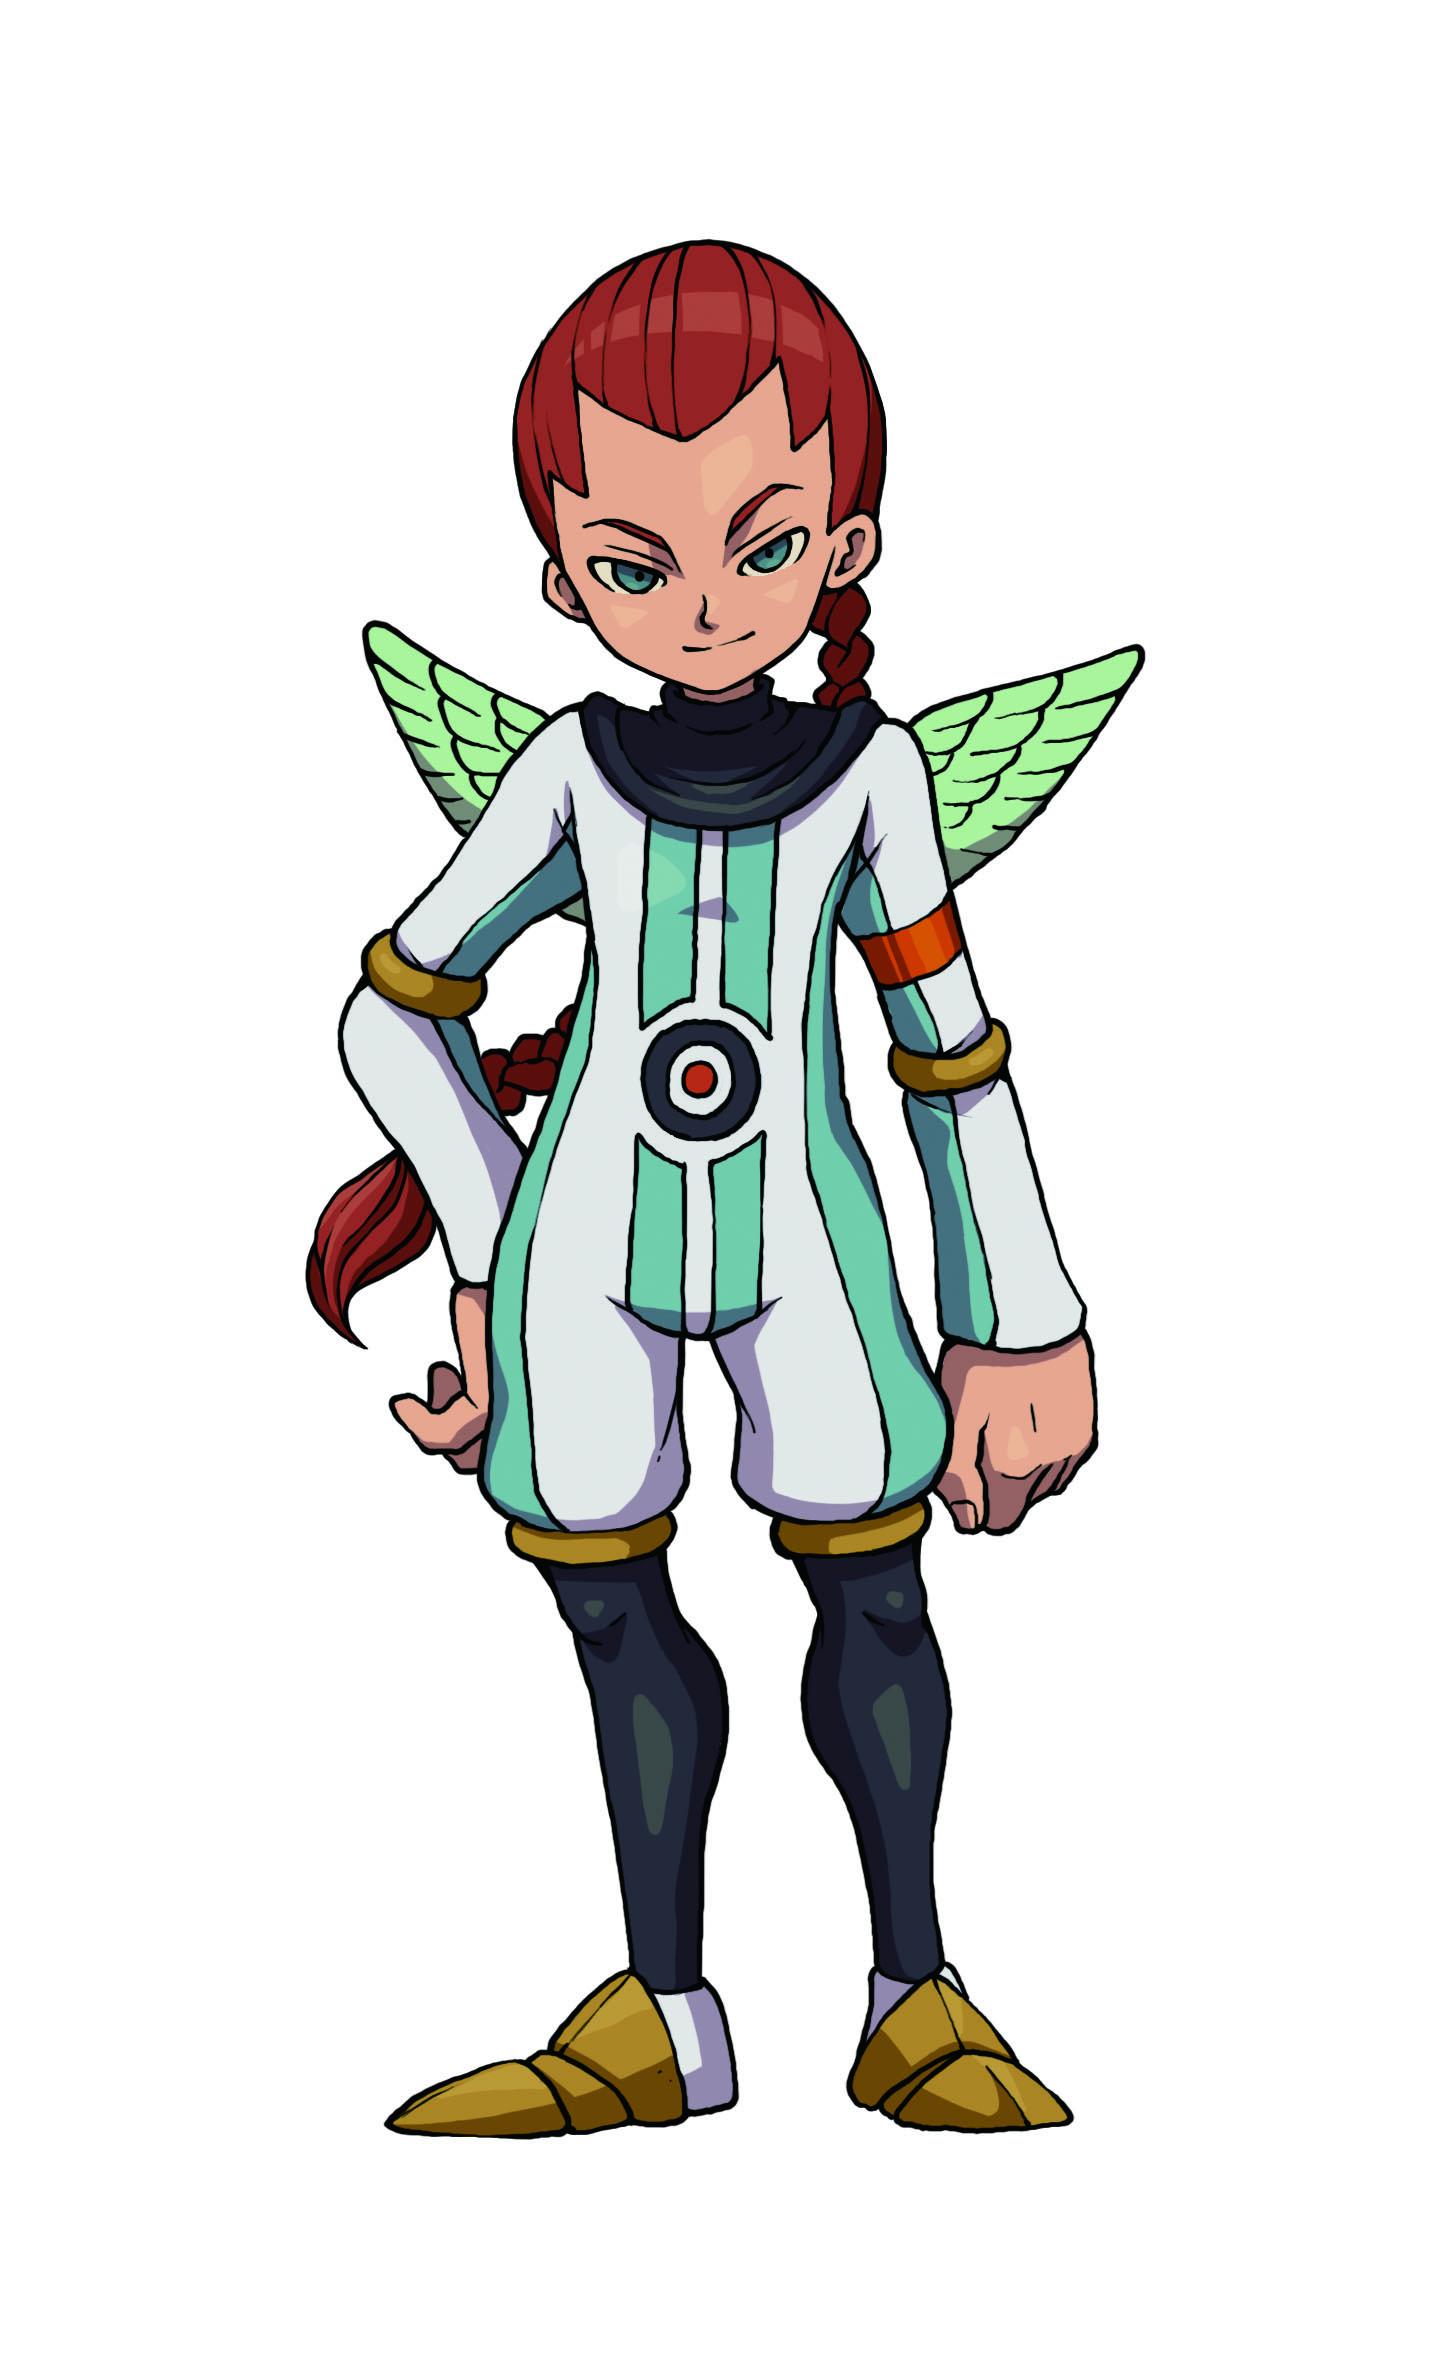 Inazuma eleven 3 3DS Boss Foudre céleste